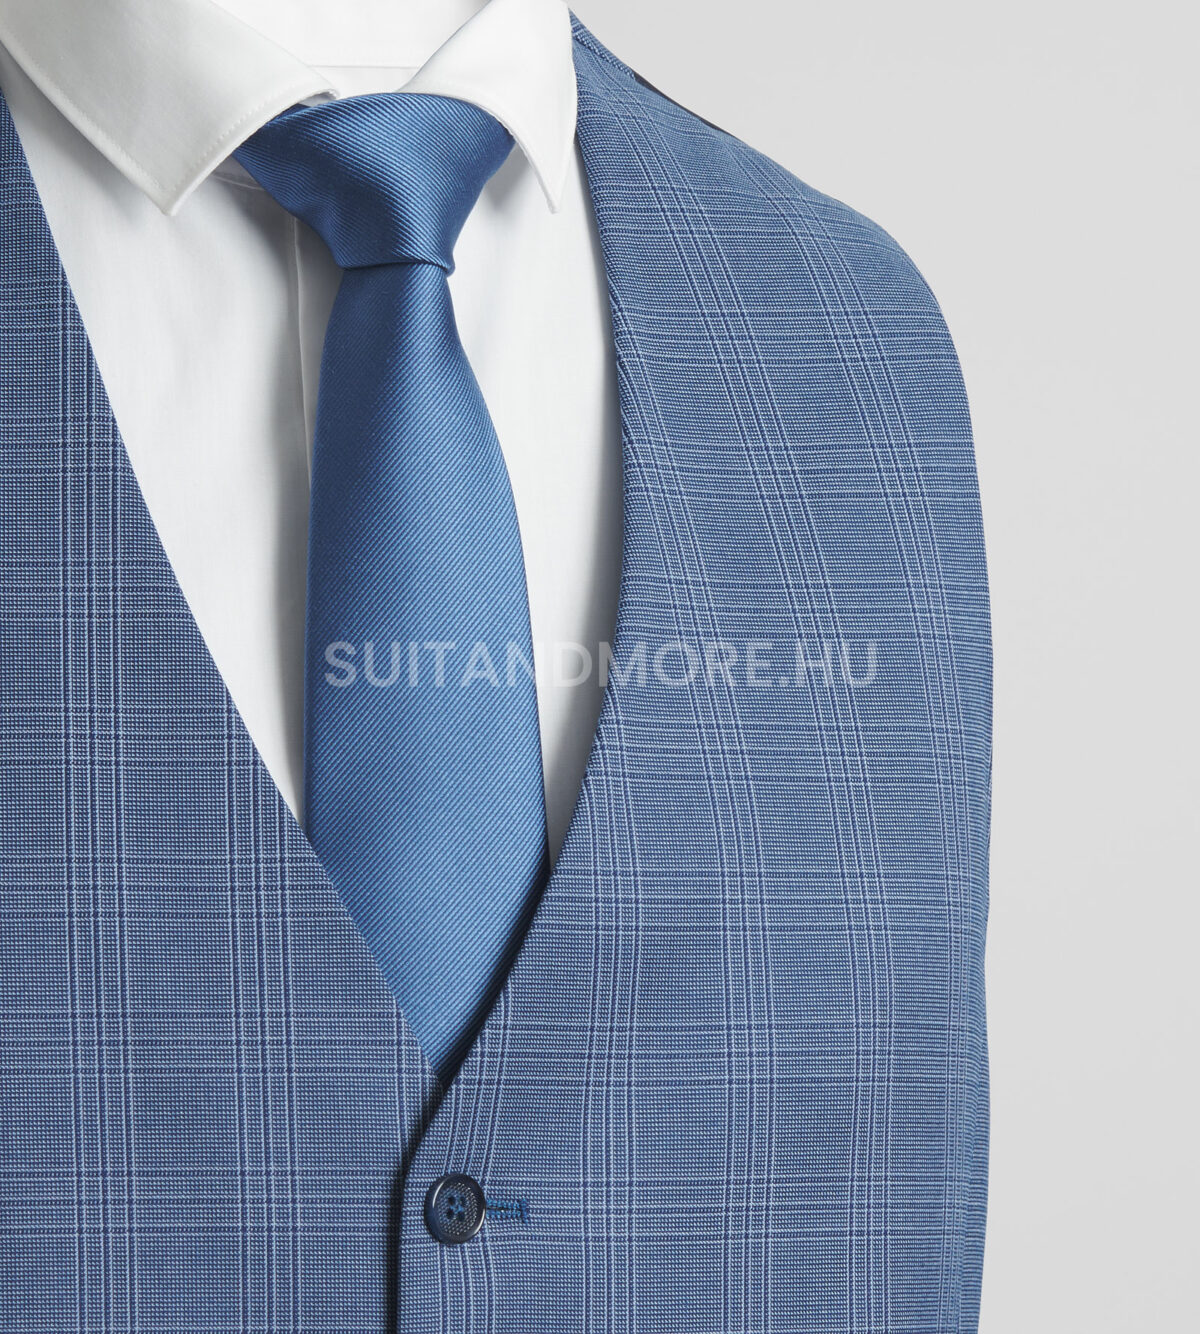 DIGEL-Move-kék-extra-slim-fit-kockás-mellény-NANNO-NATE-NICOLO-99727-25-02